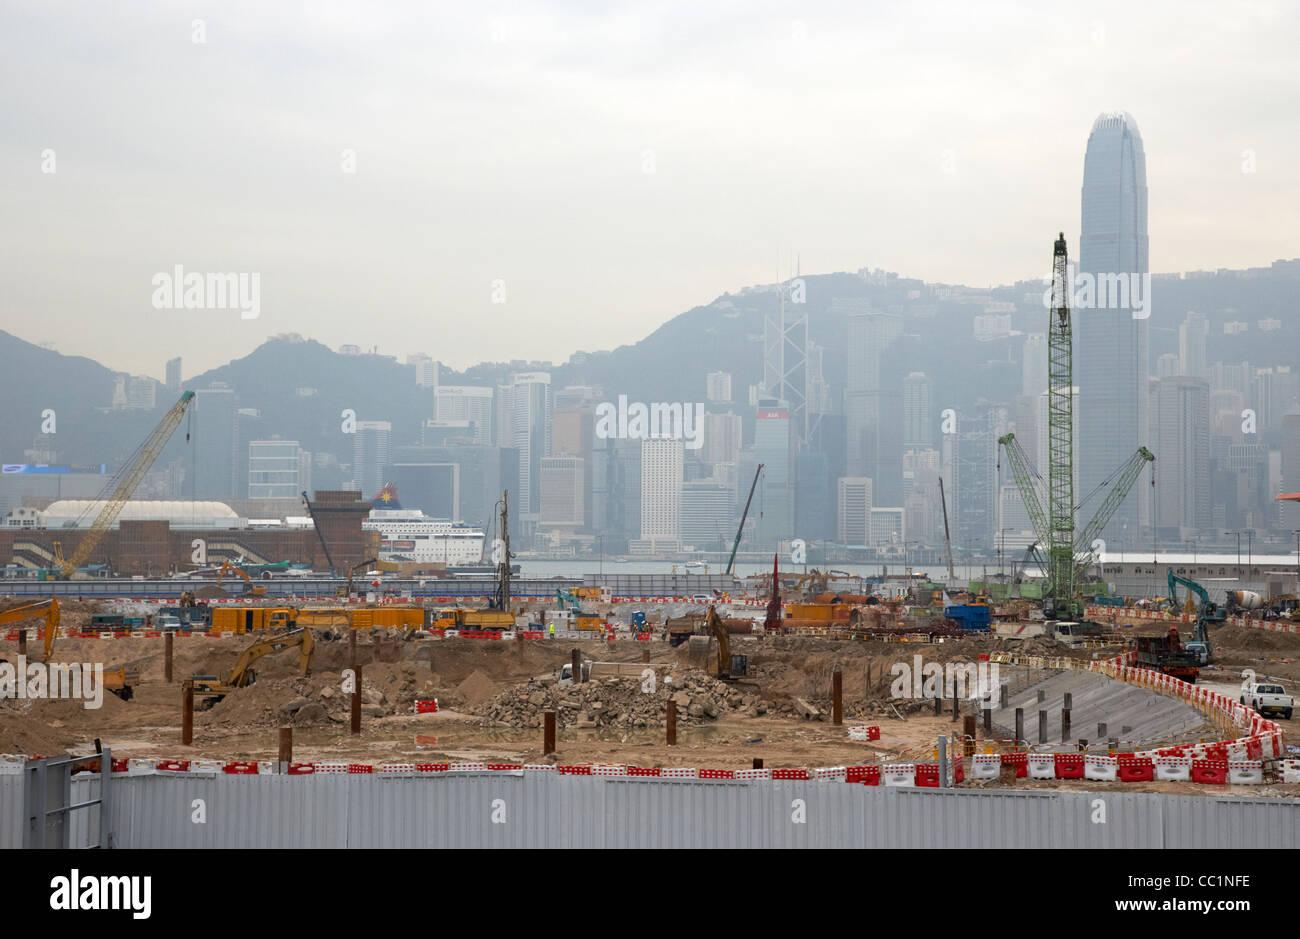 Nuovo sito di costruzione e sviluppo di incoronazione in costruzione su terreni bonificati in West Kowloon con una Immagini Stock